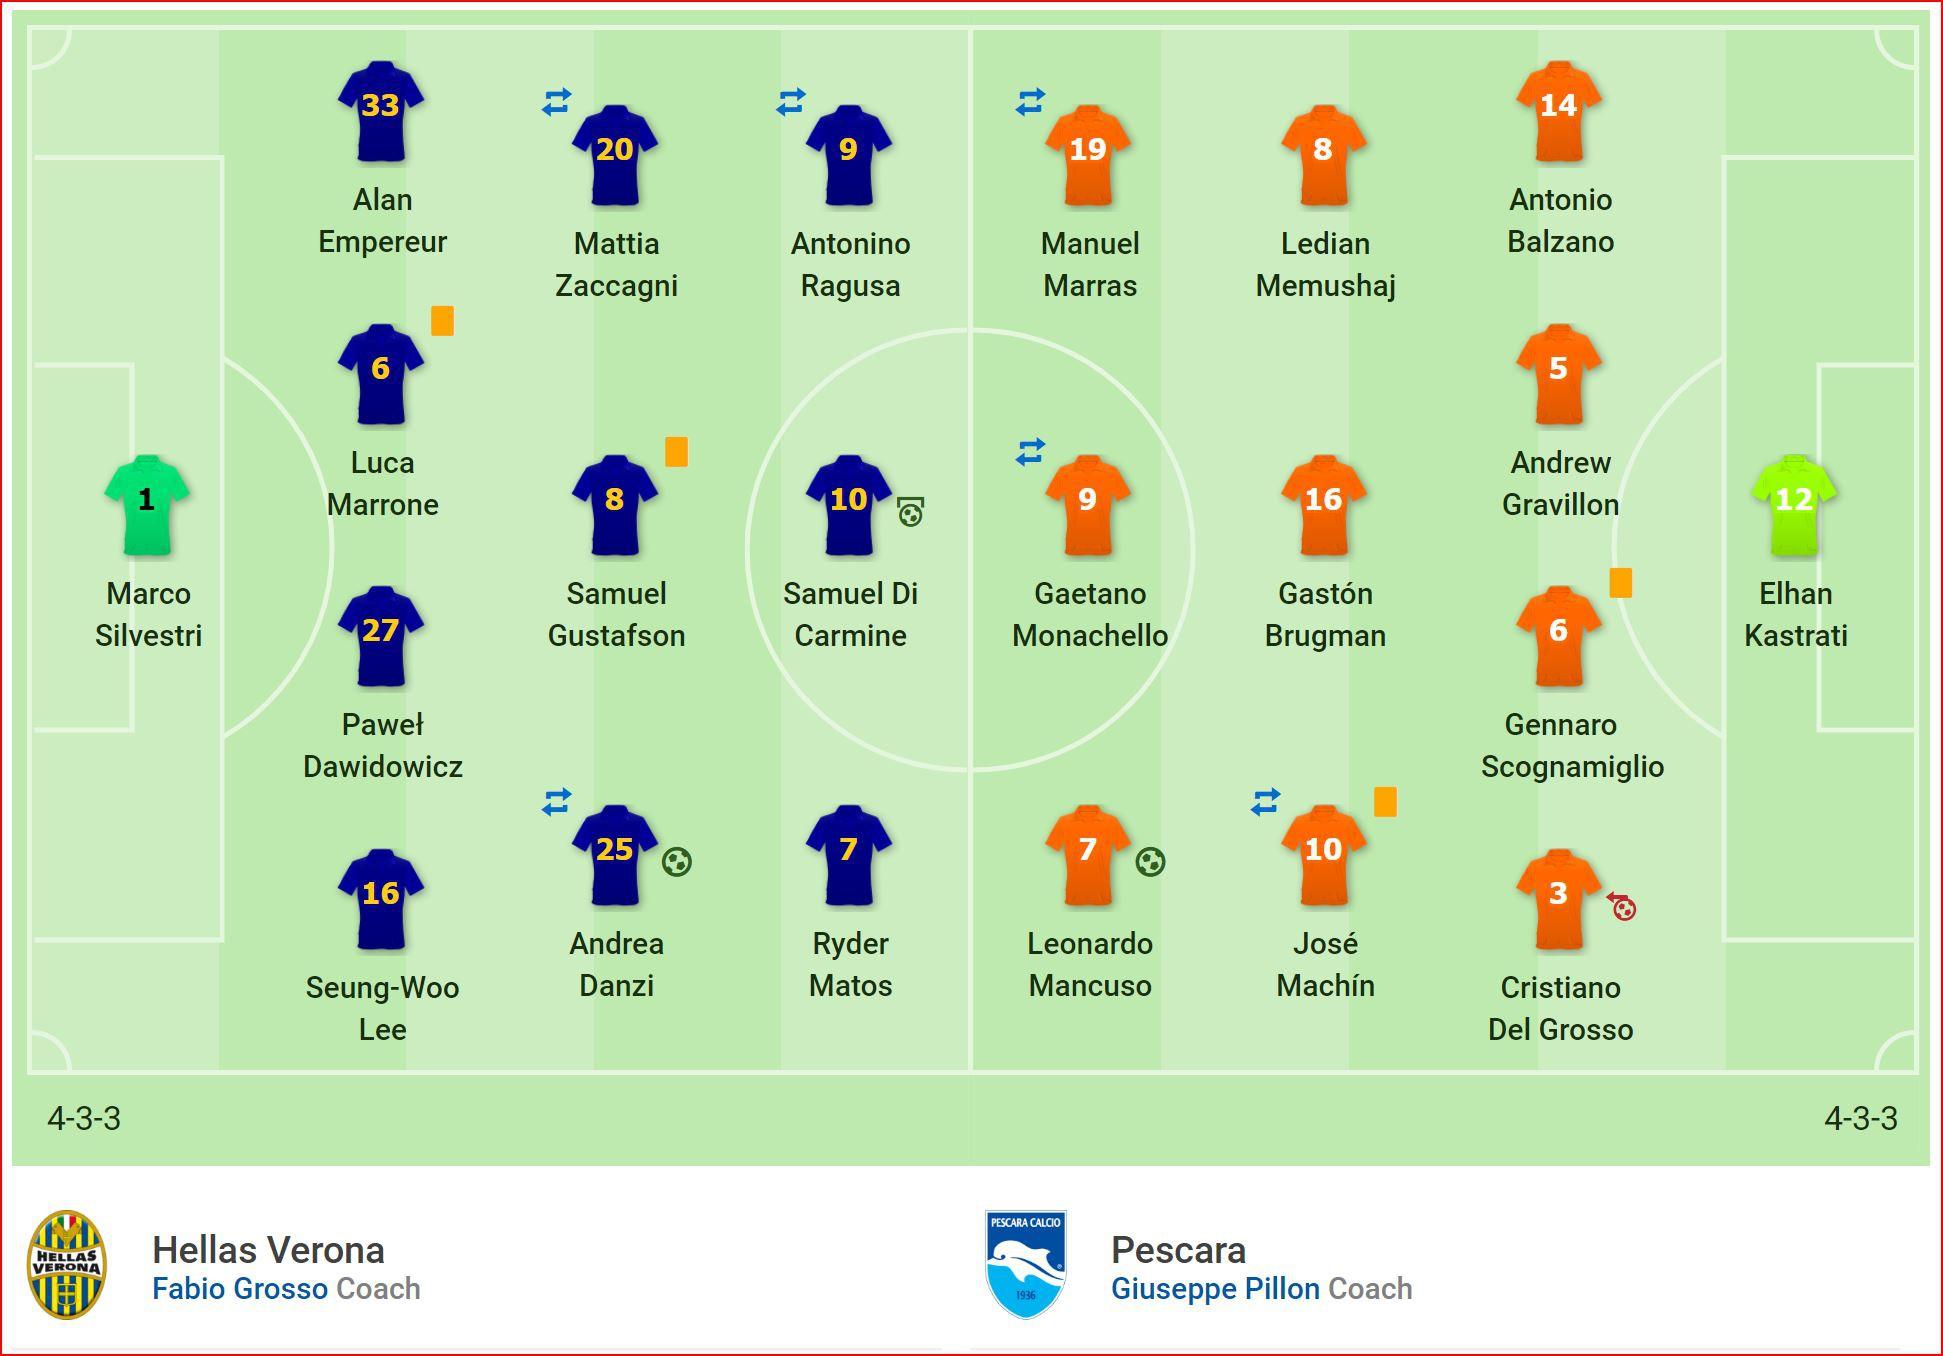 Nhận định Verona vs Pescara (2h00, 23/5) Play-offs lên hạng Serie A: Cơ hội cho đội khách - Ảnh 3.